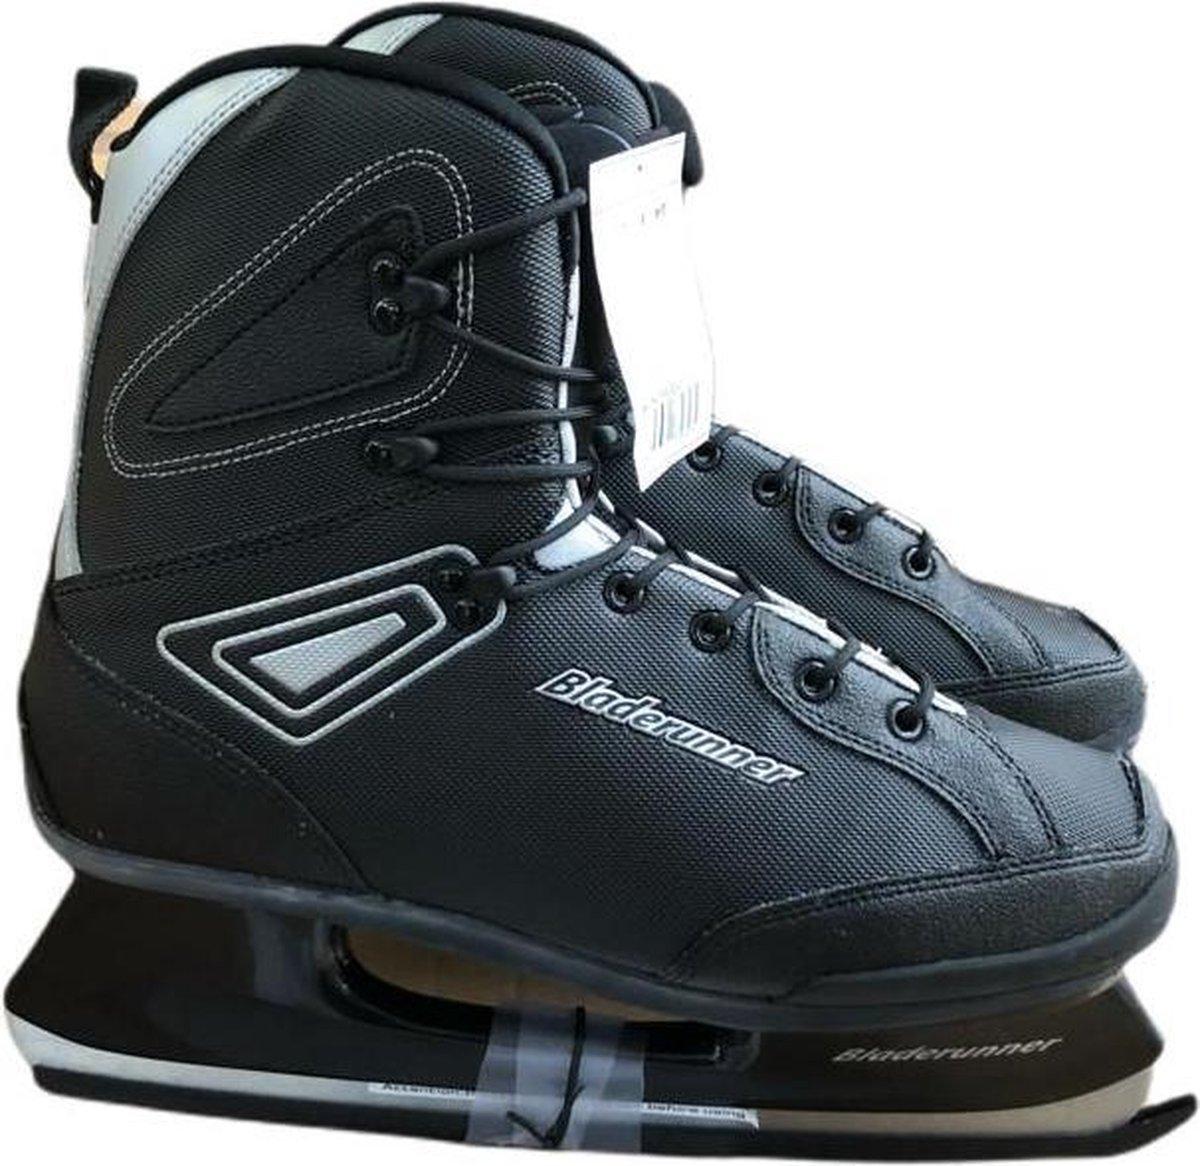 Bladerunner IJshockeyschaats - Hardboot - Zwart/grijs - Maat 44,5